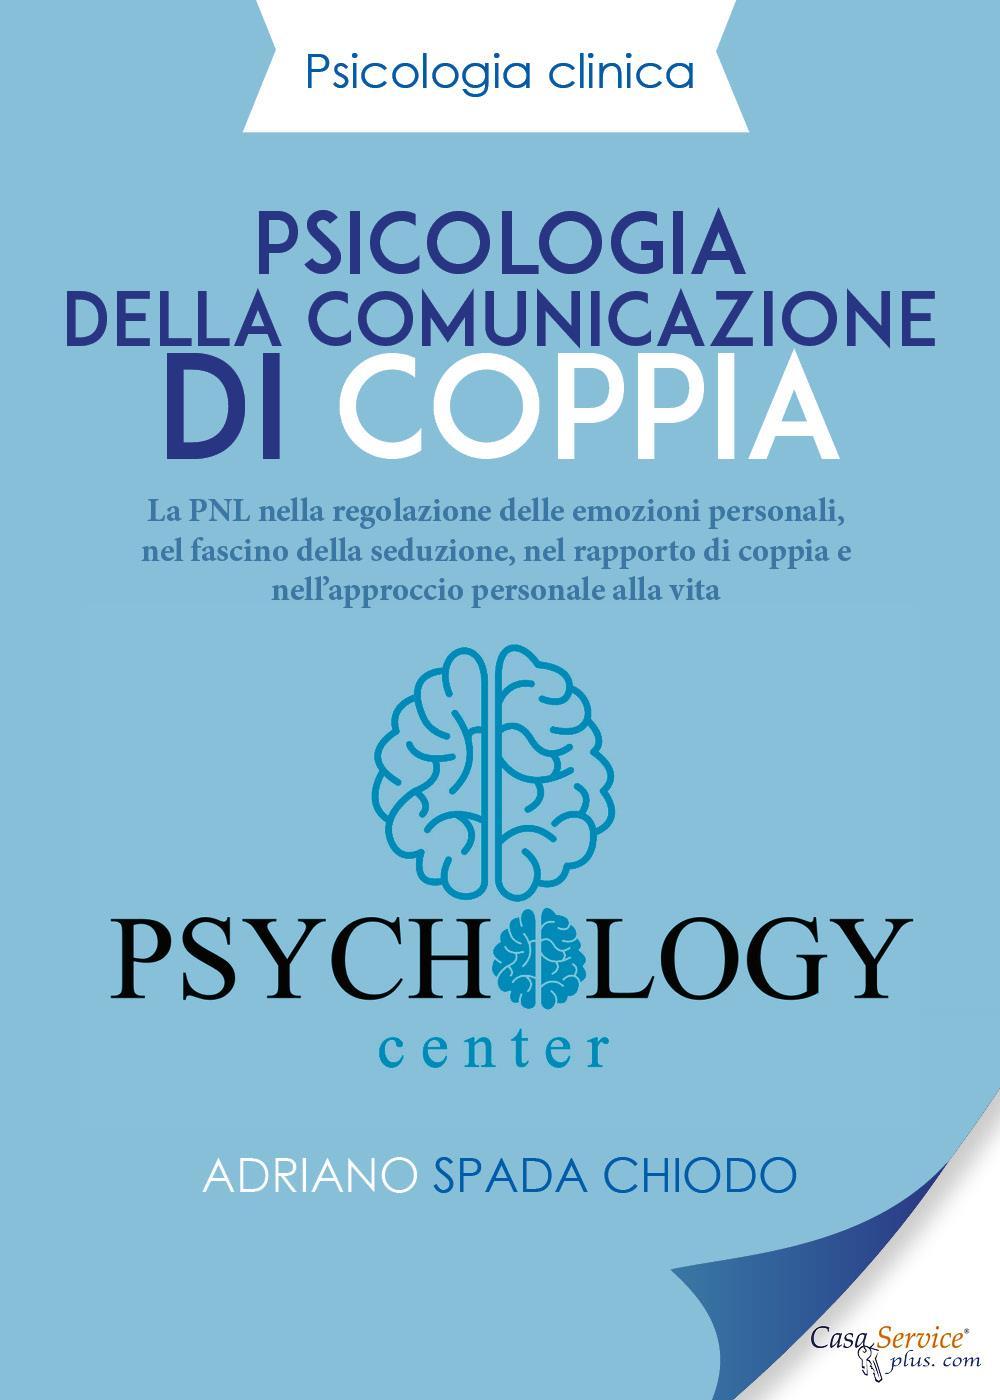 Psicologia Clinica - Psicologia della comunicazione di coppia. La PNL nella regolazione delle emozioni personali, nel fascino della seduzione, nel rapporto di coppia e nell'approccio personale alla vita